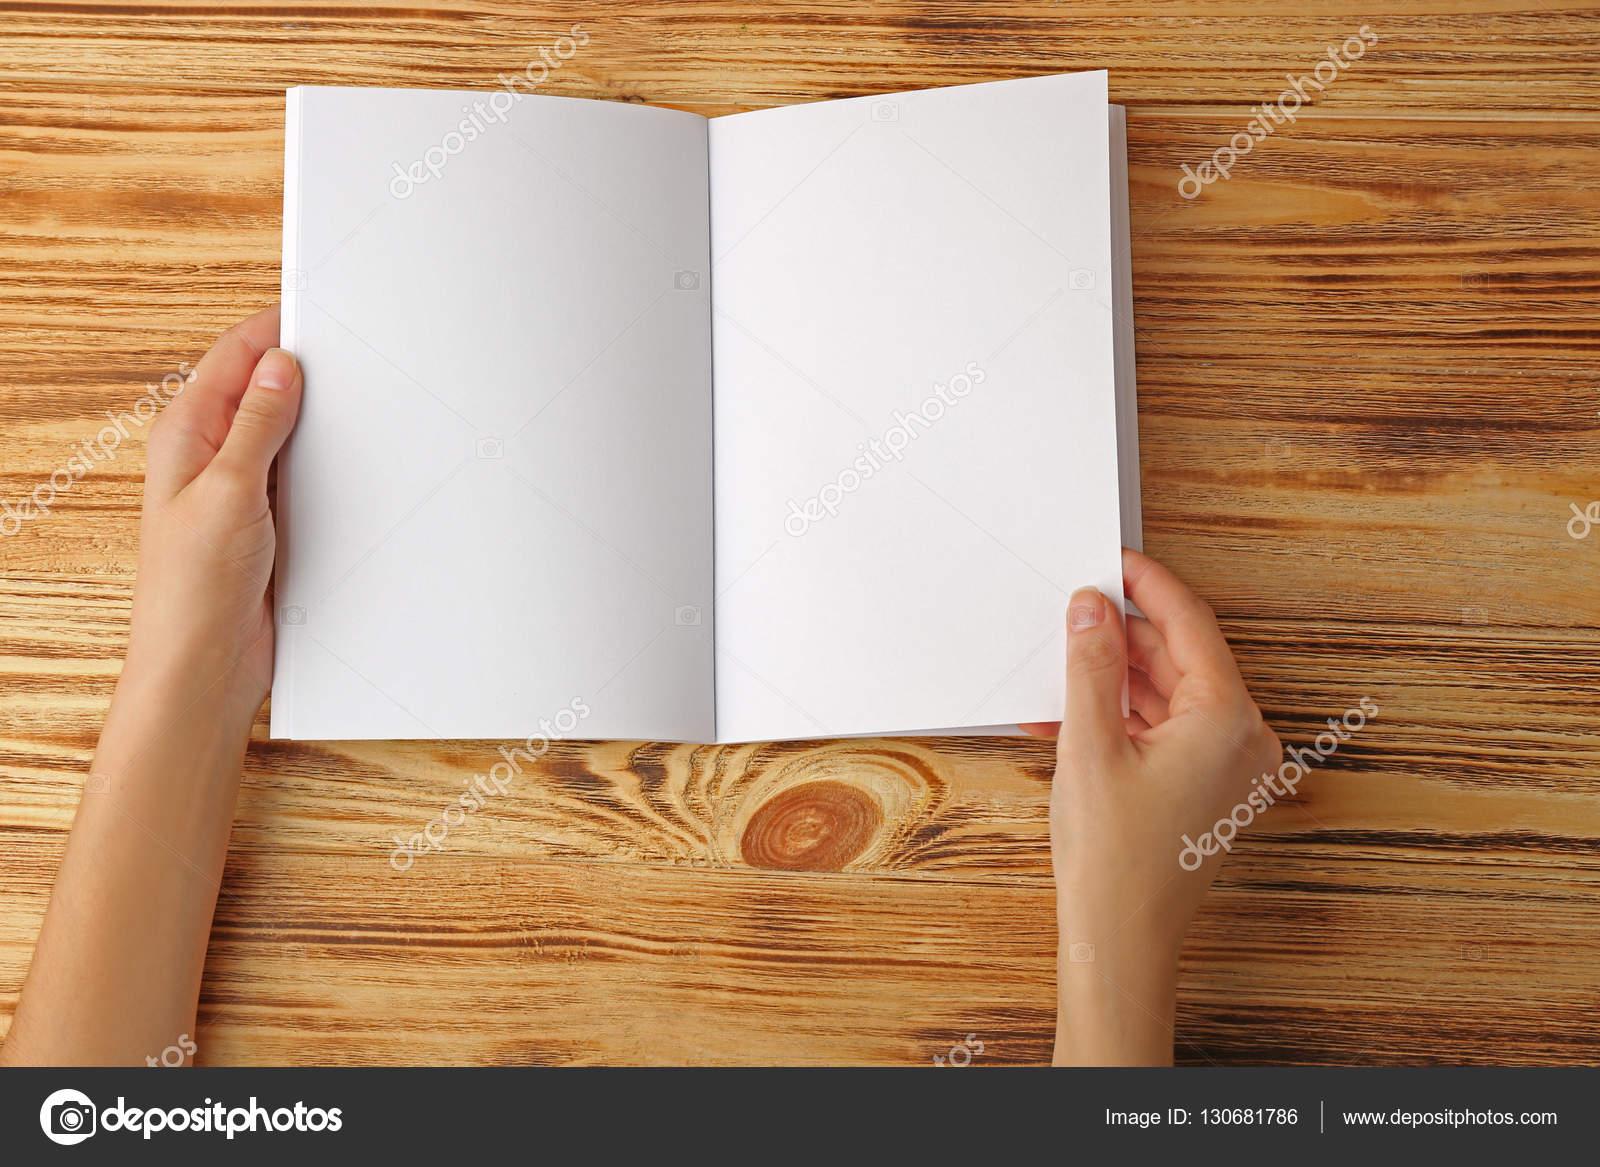 hands holding blank open brochure — Stock Photo © belchonock #130681786